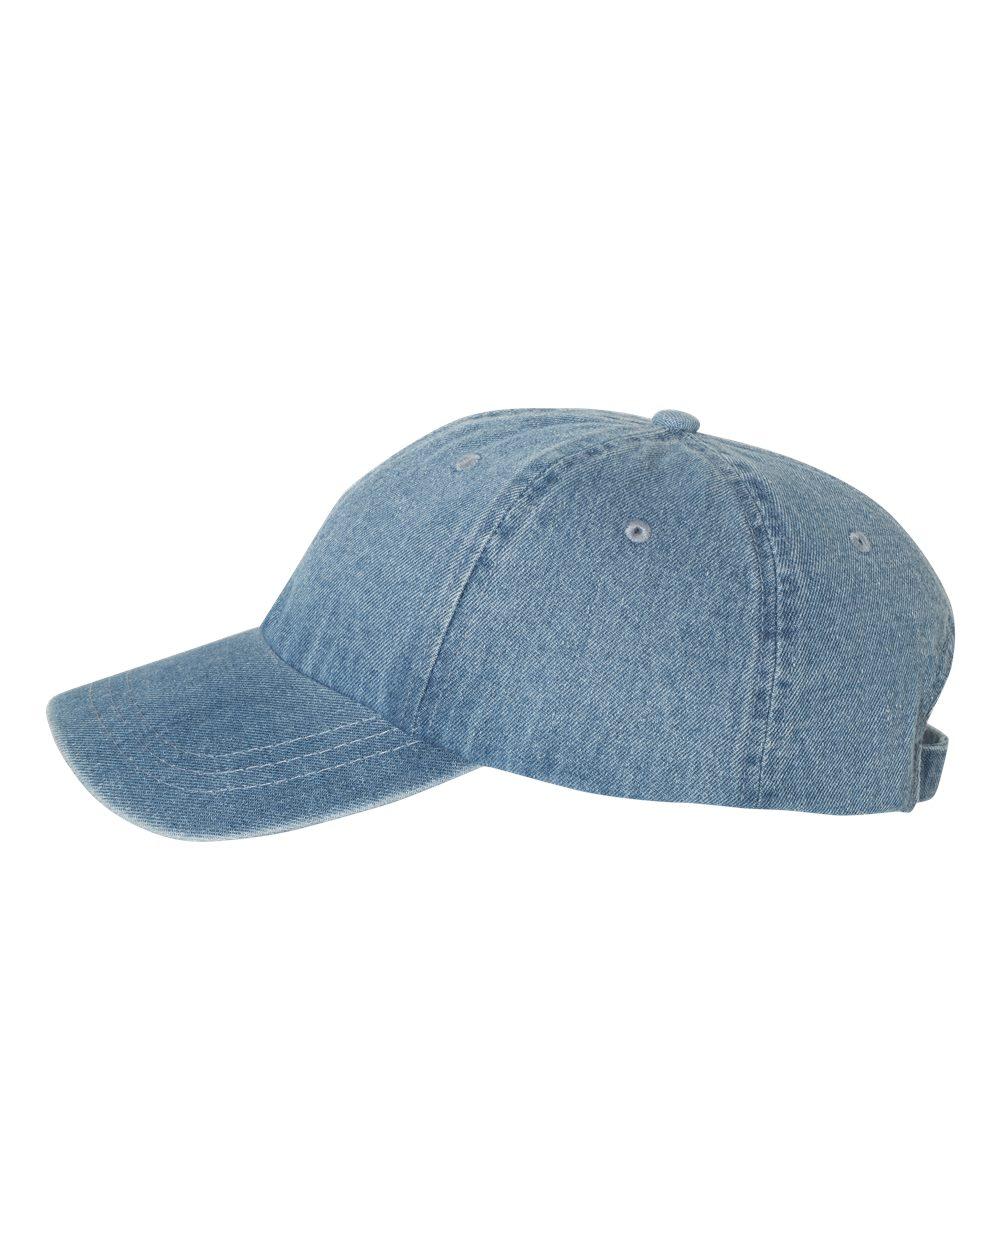 Mega Cap 7610 - Washed Denim Cap  3.88 - Headwear 38287da0dc0